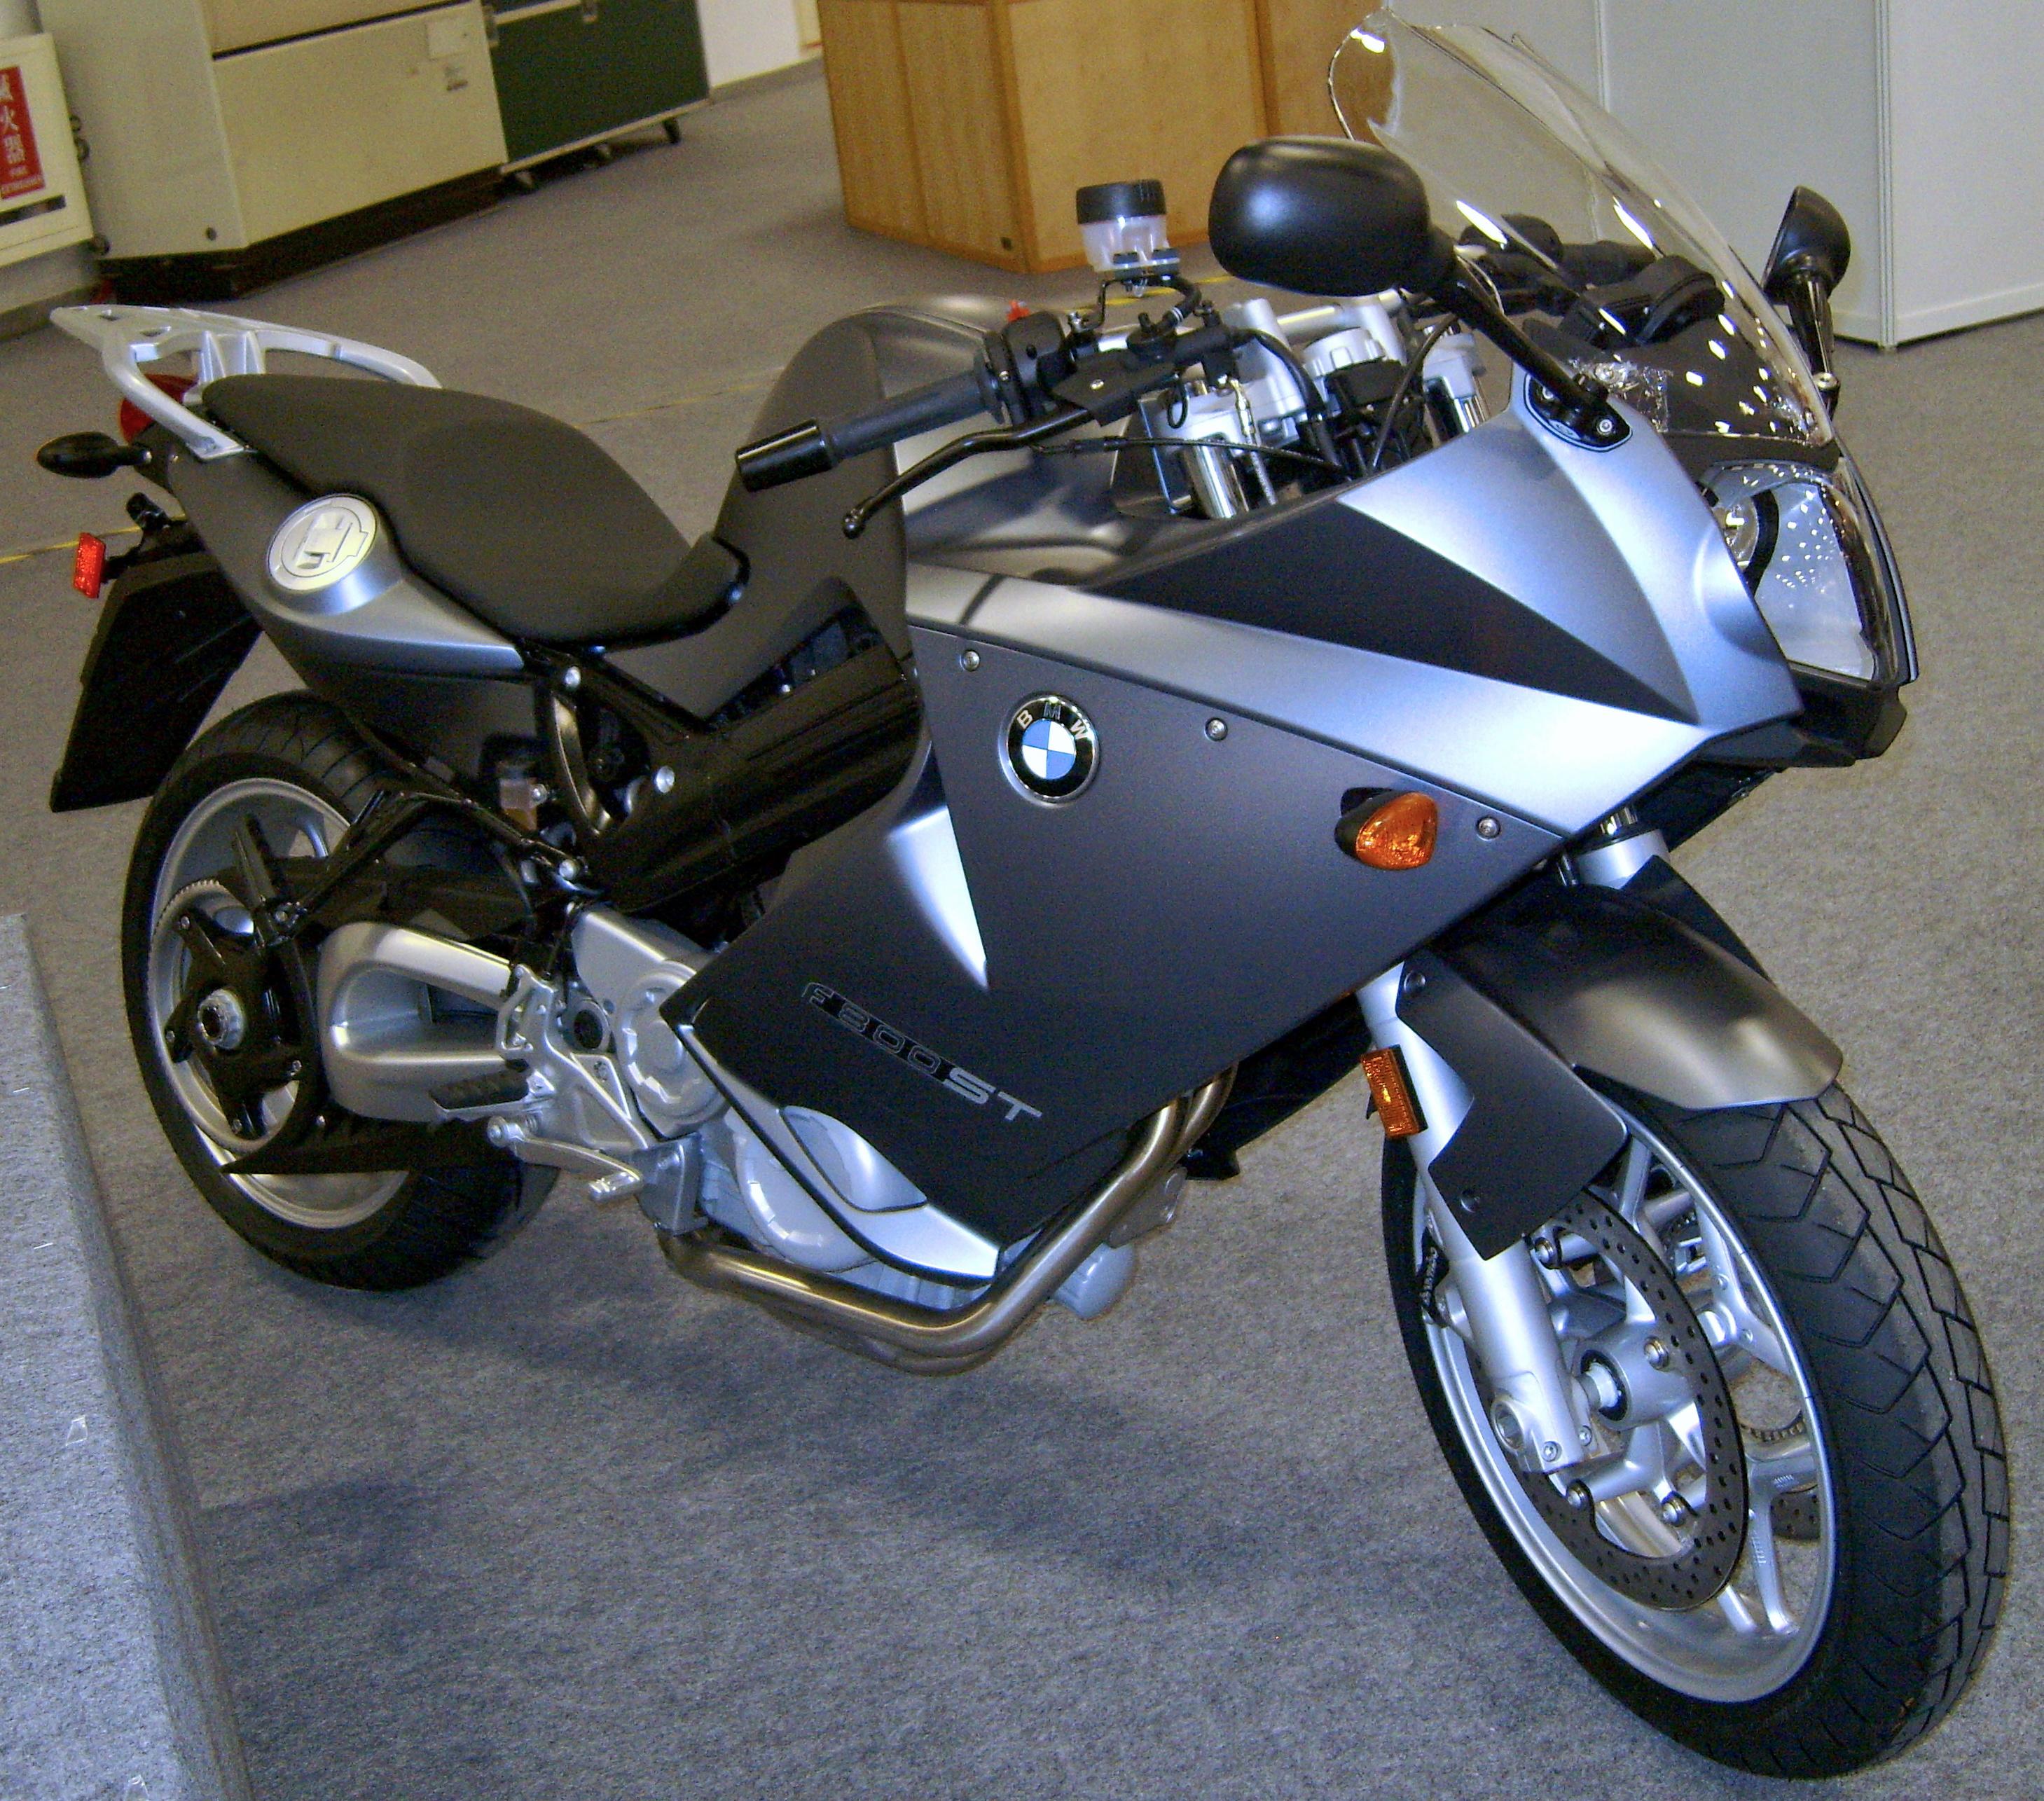 Bmw F 800 S St Wikipedia